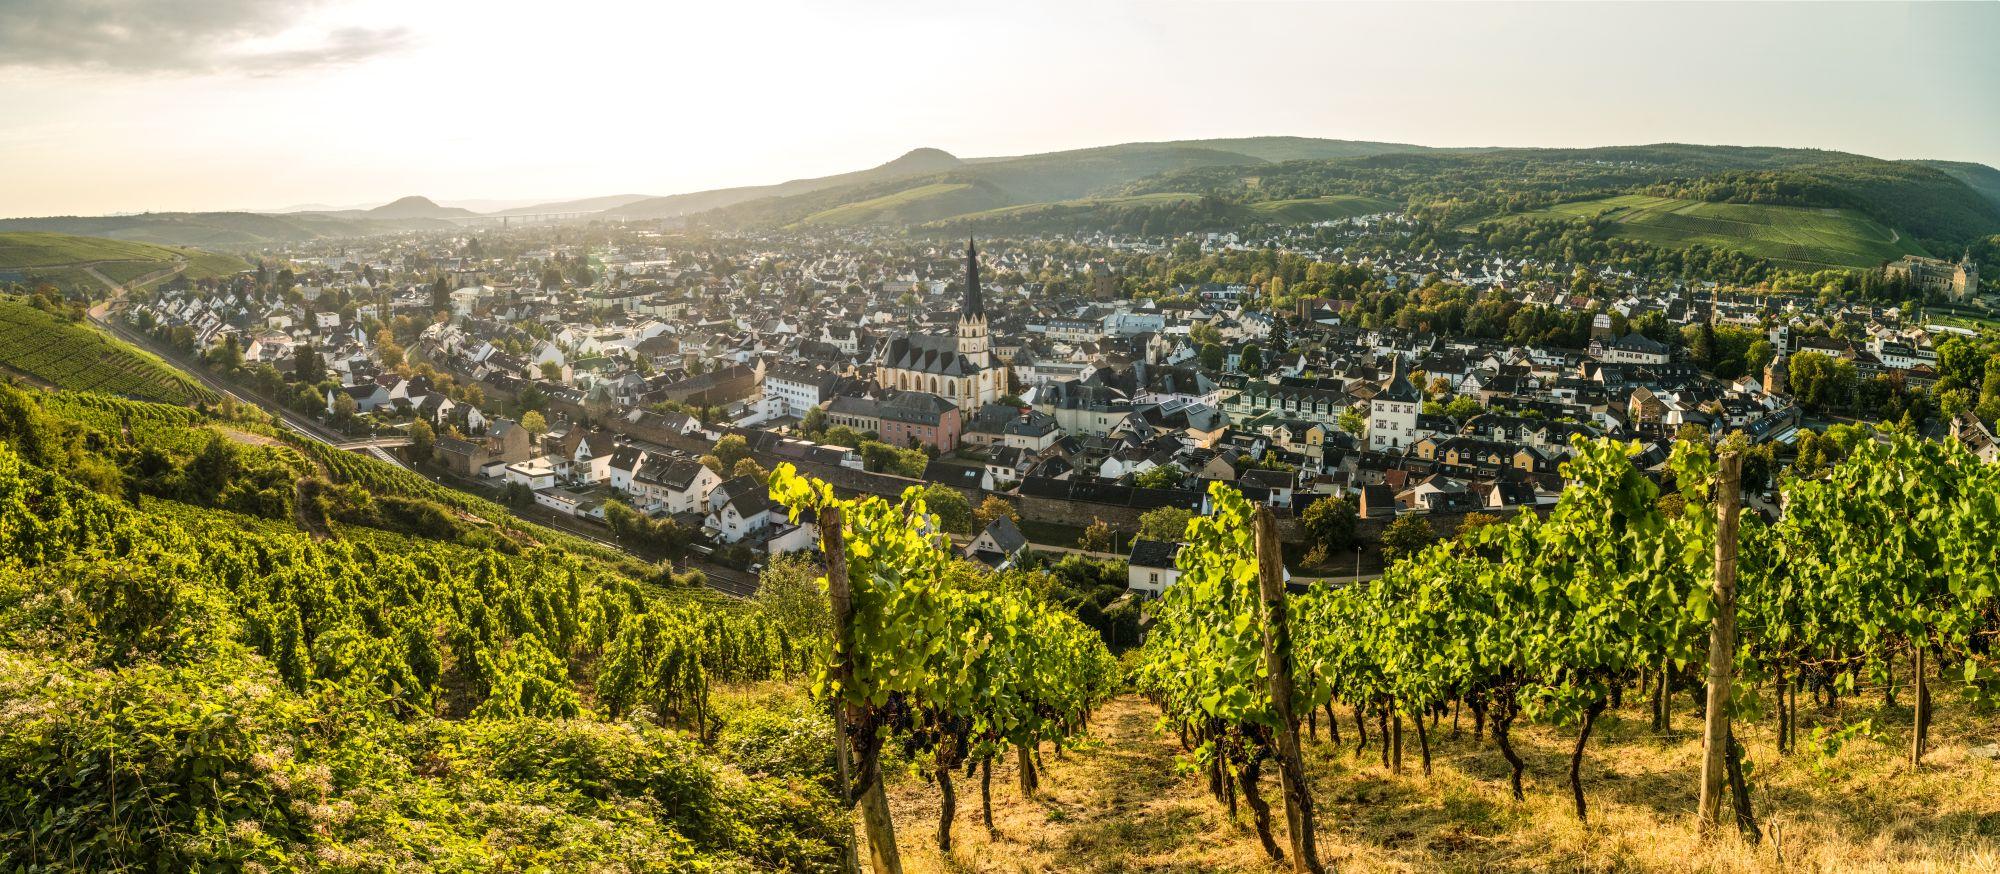 Rode wijn wandelroute bij Bad Neuenahr-Ahrweiler, Ahrdal